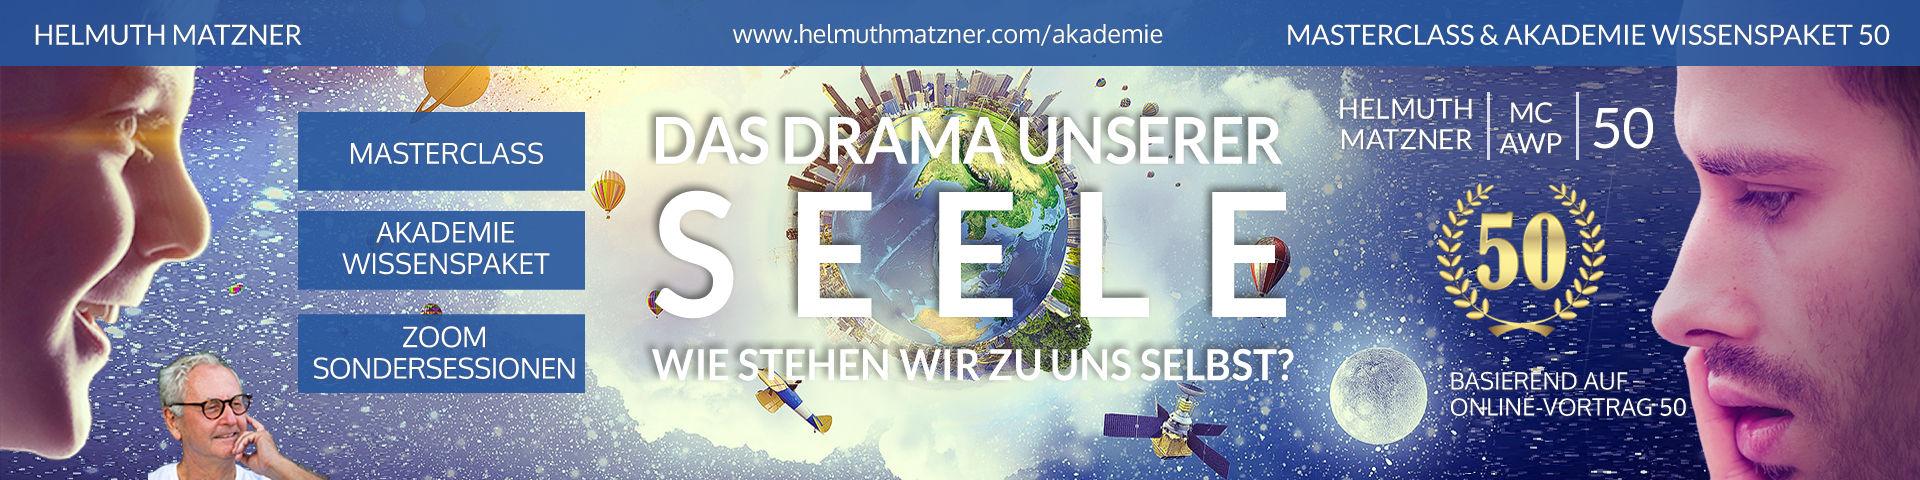 Helmuth Matzner - Masterclass & Akademie Wissenspaket 50 - Drama unserer Seele - LP-Banner v09E3